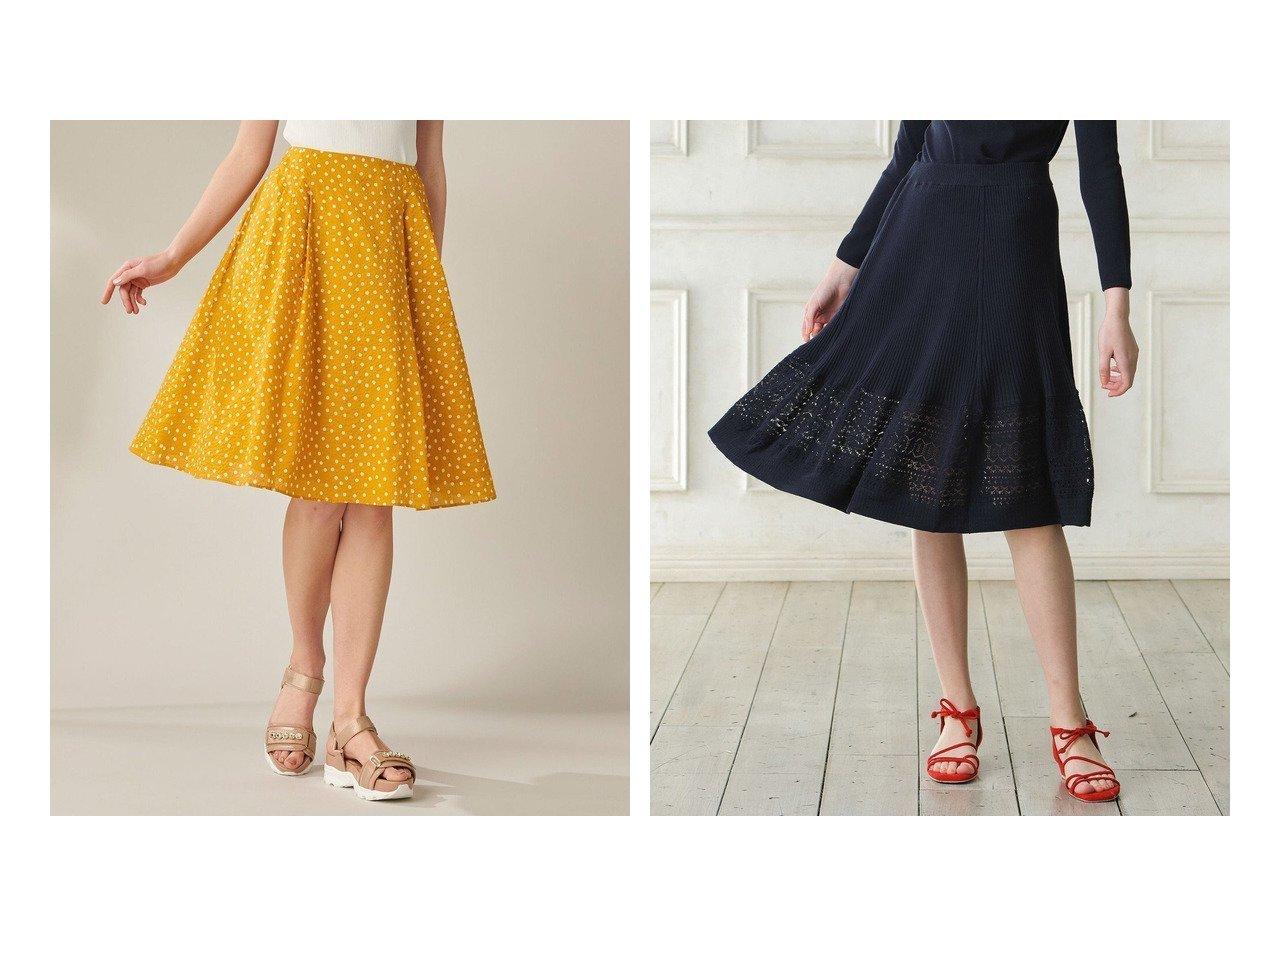 【TOCCA/トッカ】の【洗える!】FONTANA SKIRT スカート&【洗える!】CARAMELLA SKIRT スカート 【スカート】おすすめ!人気、トレンド・レディースファッションの通販 おすすめで人気の流行・トレンド、ファッションの通販商品 インテリア・家具・メンズファッション・キッズファッション・レディースファッション・服の通販 founy(ファニー) https://founy.com/ ファッション Fashion レディースファッション WOMEN スカート Skirt 送料無料 Free Shipping 2021年 2021 2021春夏・S/S SS/Spring/Summer/2021 洗える |ID:crp329100000044064